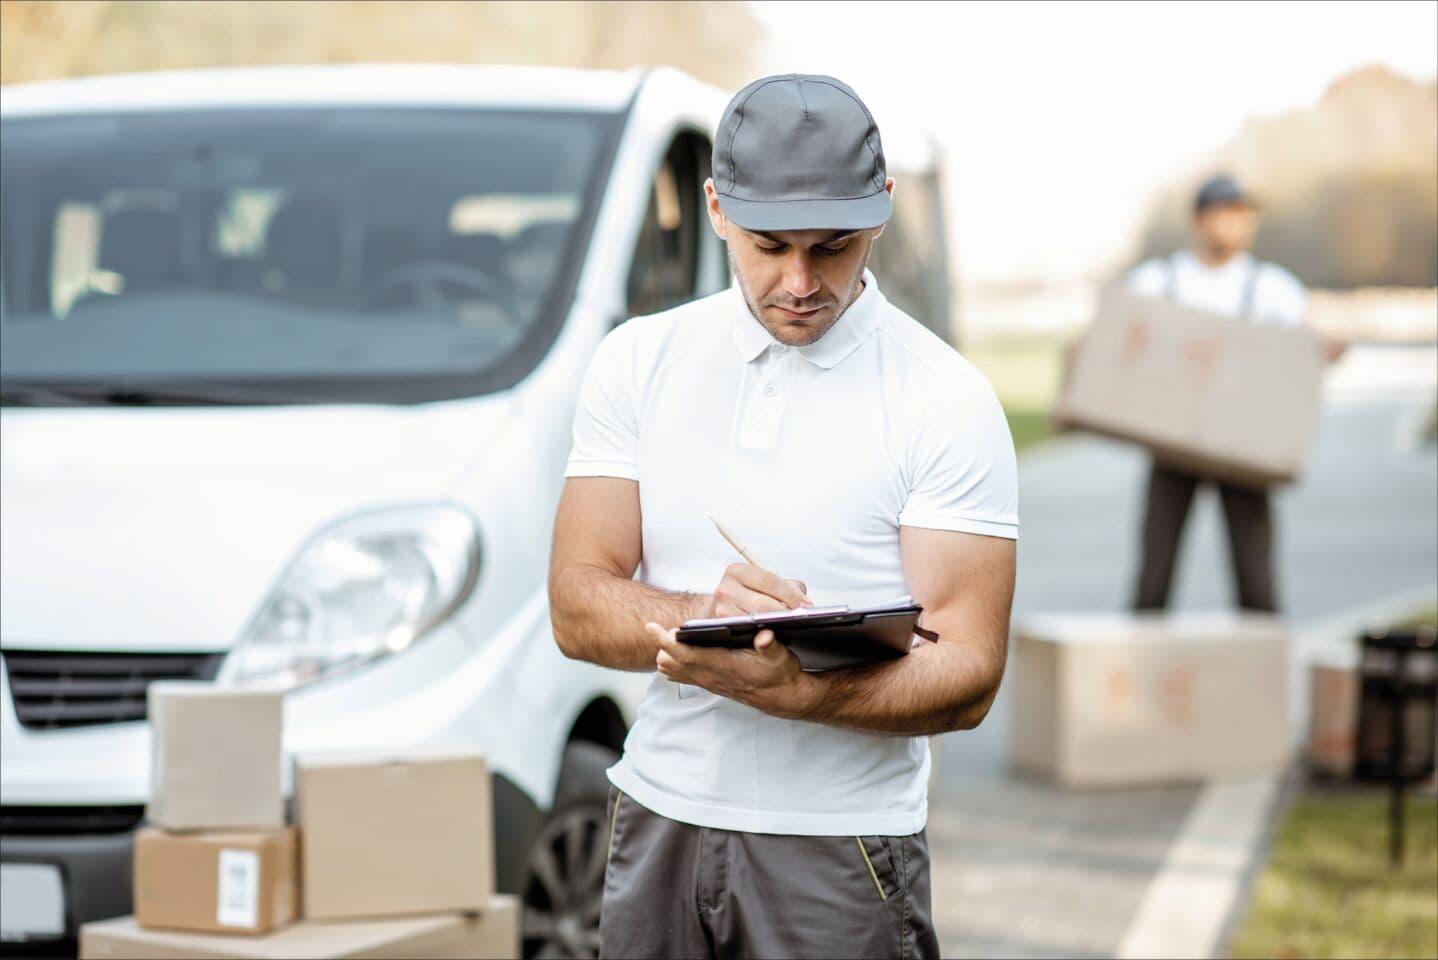 Kariere in der Logistik